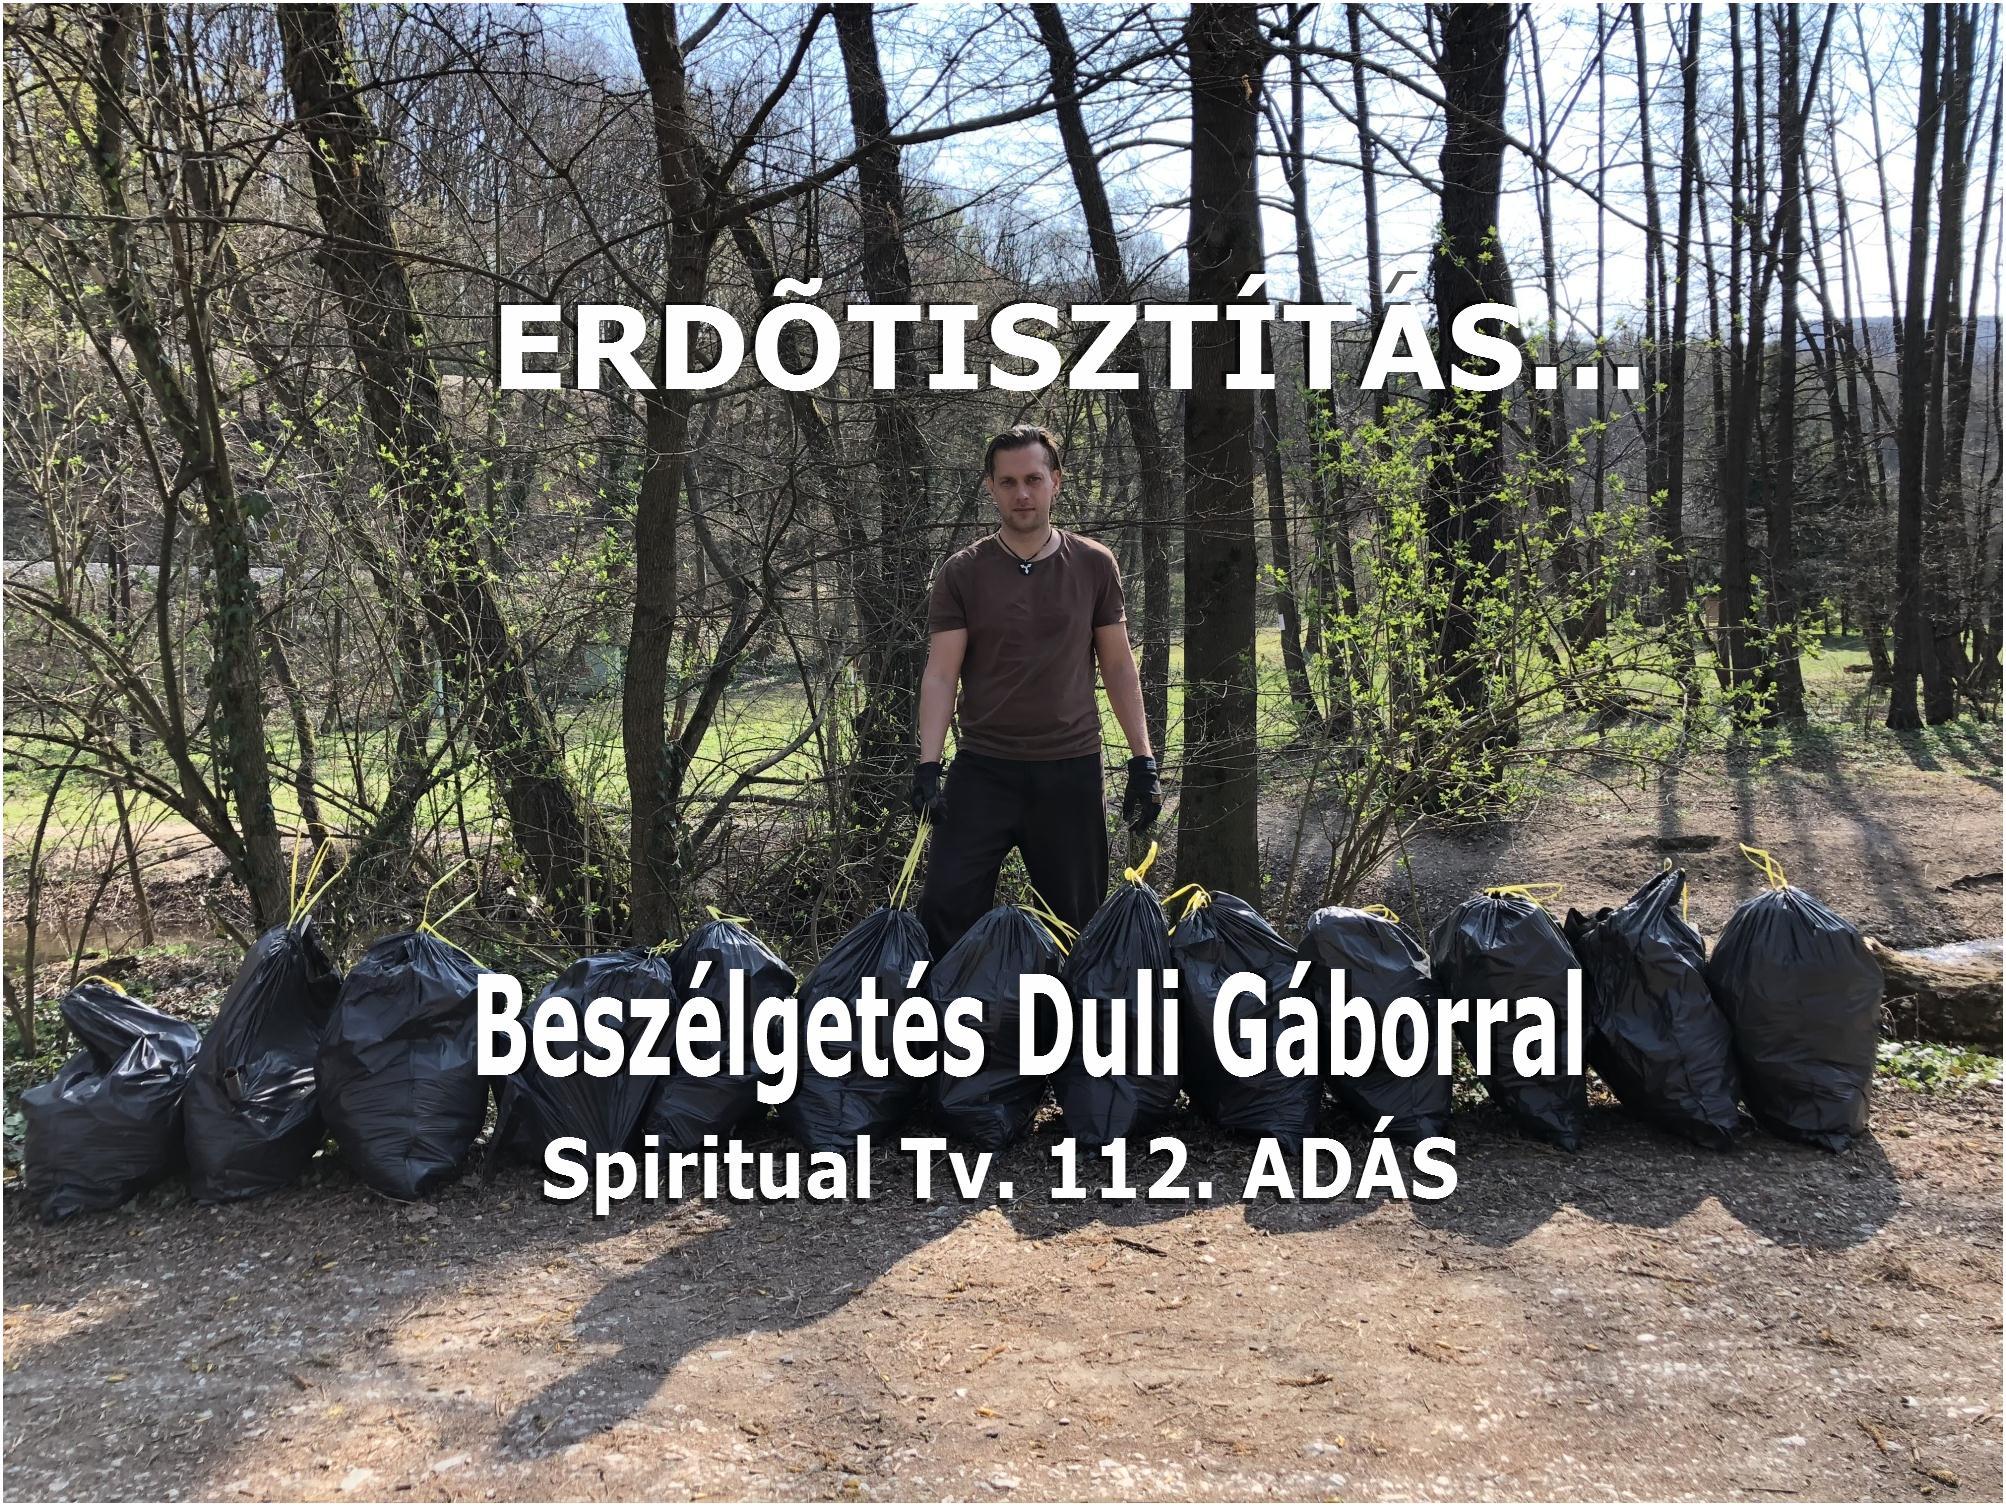 2019.11.15. www.spiritualtv.hu